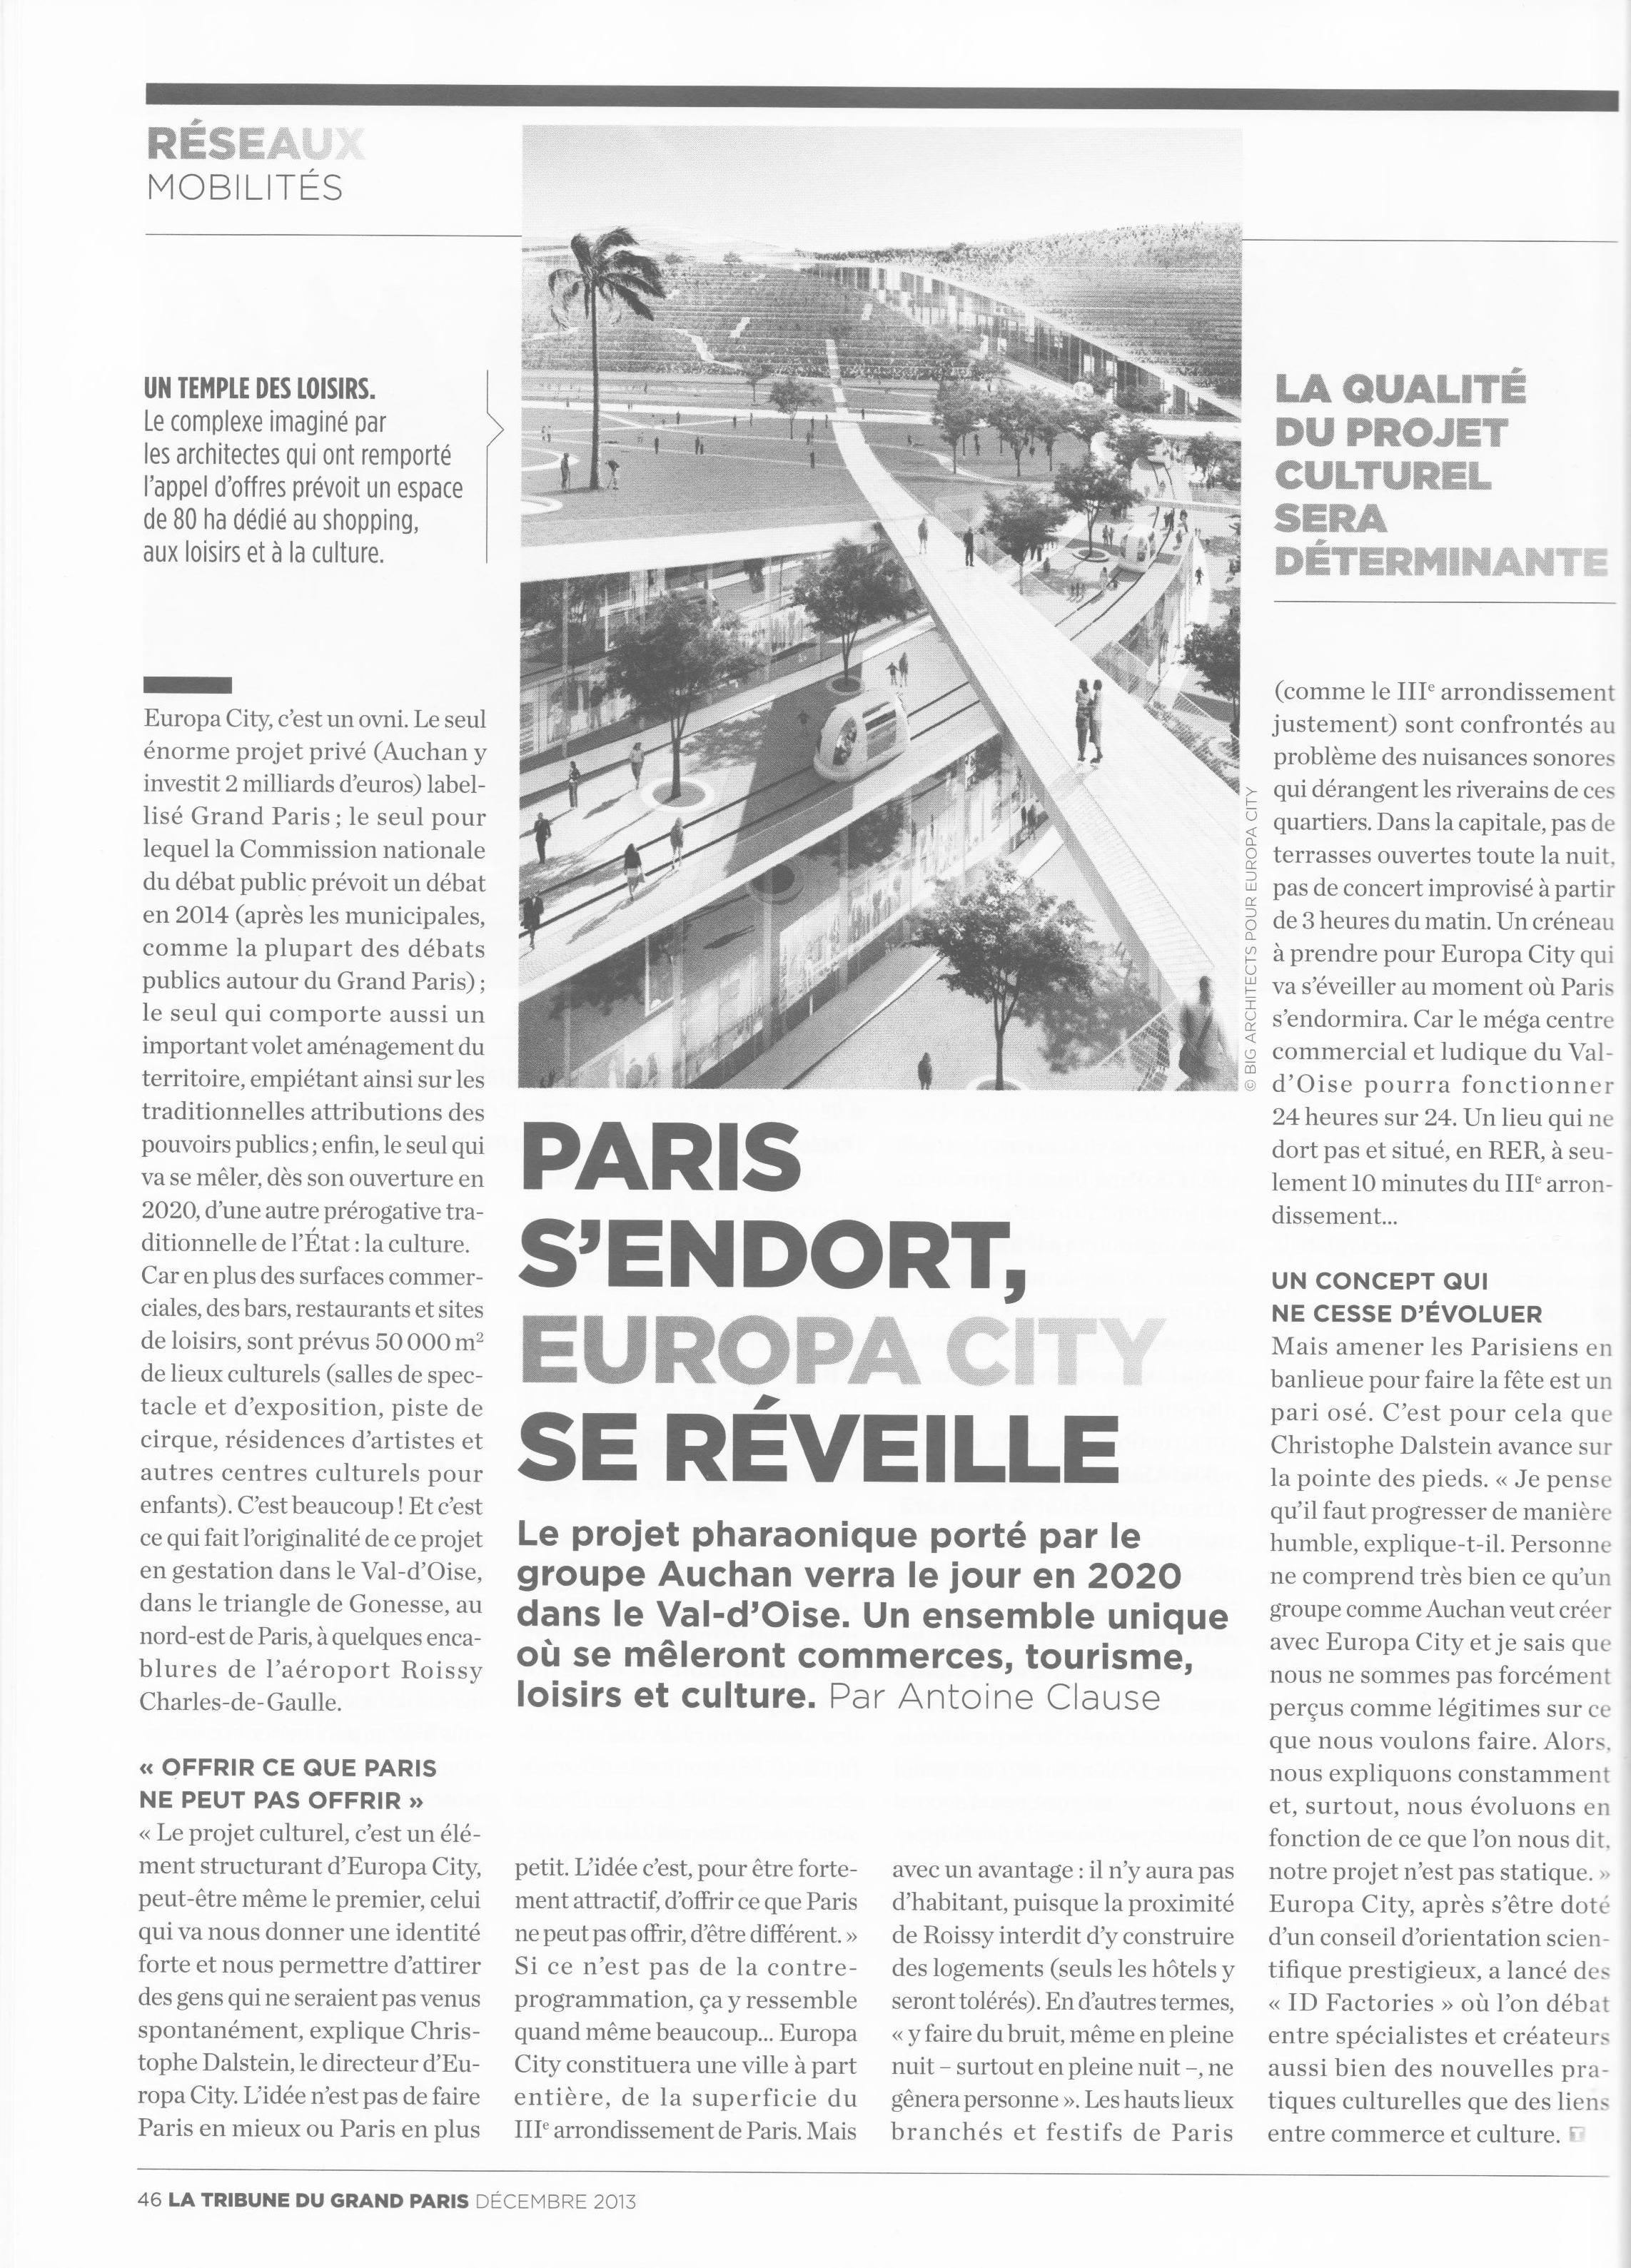 Article « Paris s'endort, EuropaCity se réveille » paru dans le numéro de La Tribune du Grand Paris de décembre 2013.